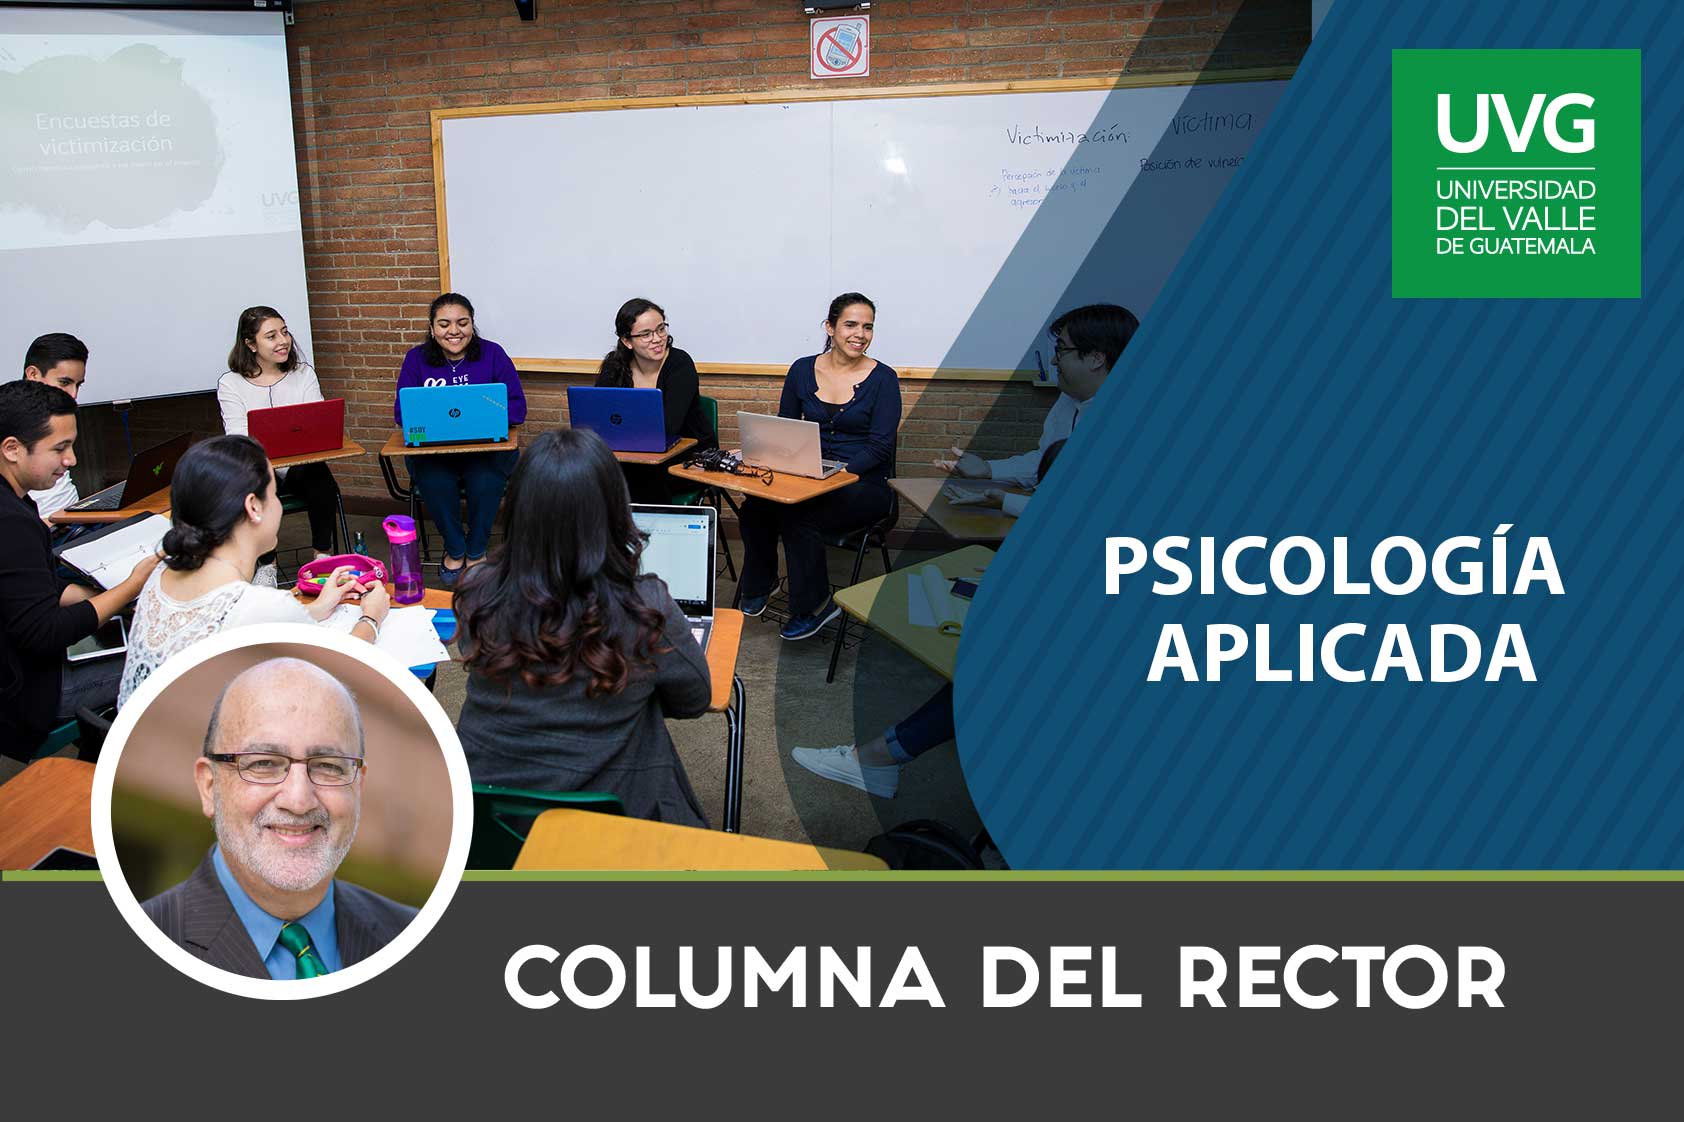 Columna del rector: Psicología Aplicada